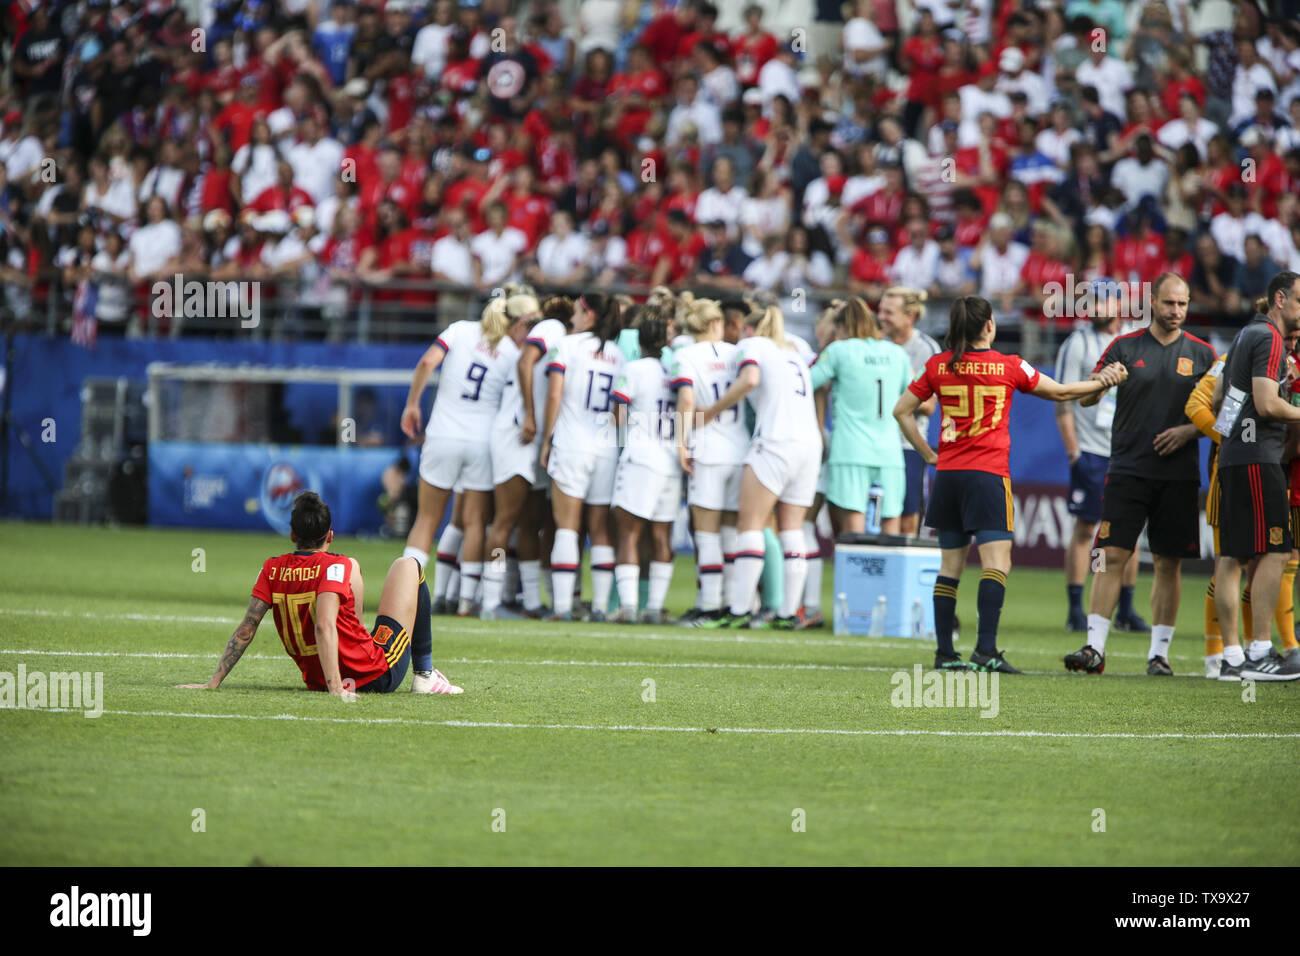 Junio 24, 2019 - Jennifer Hermoso, el partido final, en la Francia de 2019 Mujeres de la Copa del Mundo en octavos de final del partido de fútbol entre España y EE.UU., el 24 de junio de 2019, en el estadio Auguste-Delaune en Reims, en el norte de Francia. (Crédito de la Imagen: © Elyxandro CegarraZUMA Wire) Imagen De Stock